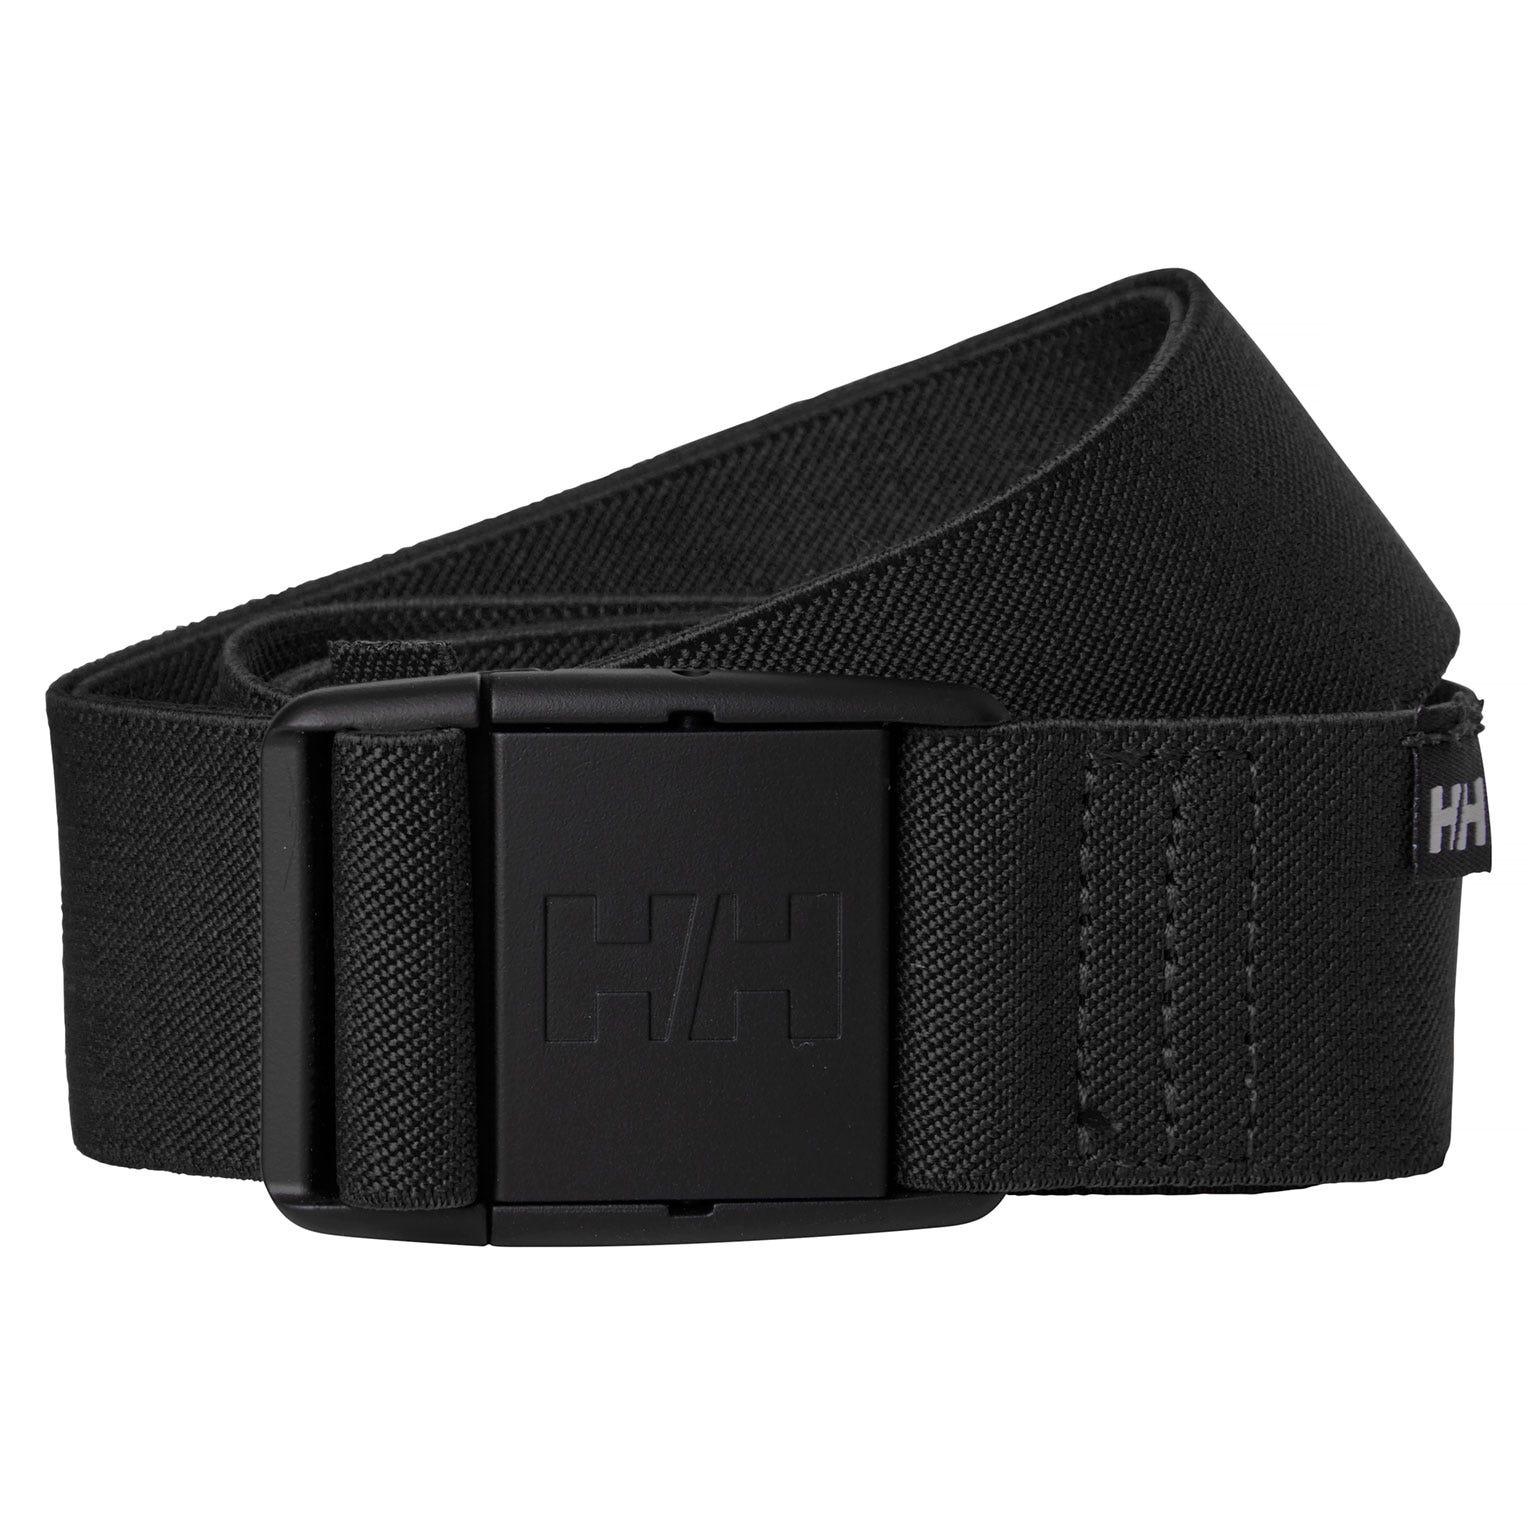 Helly Hansen Adventure Belt Black 140